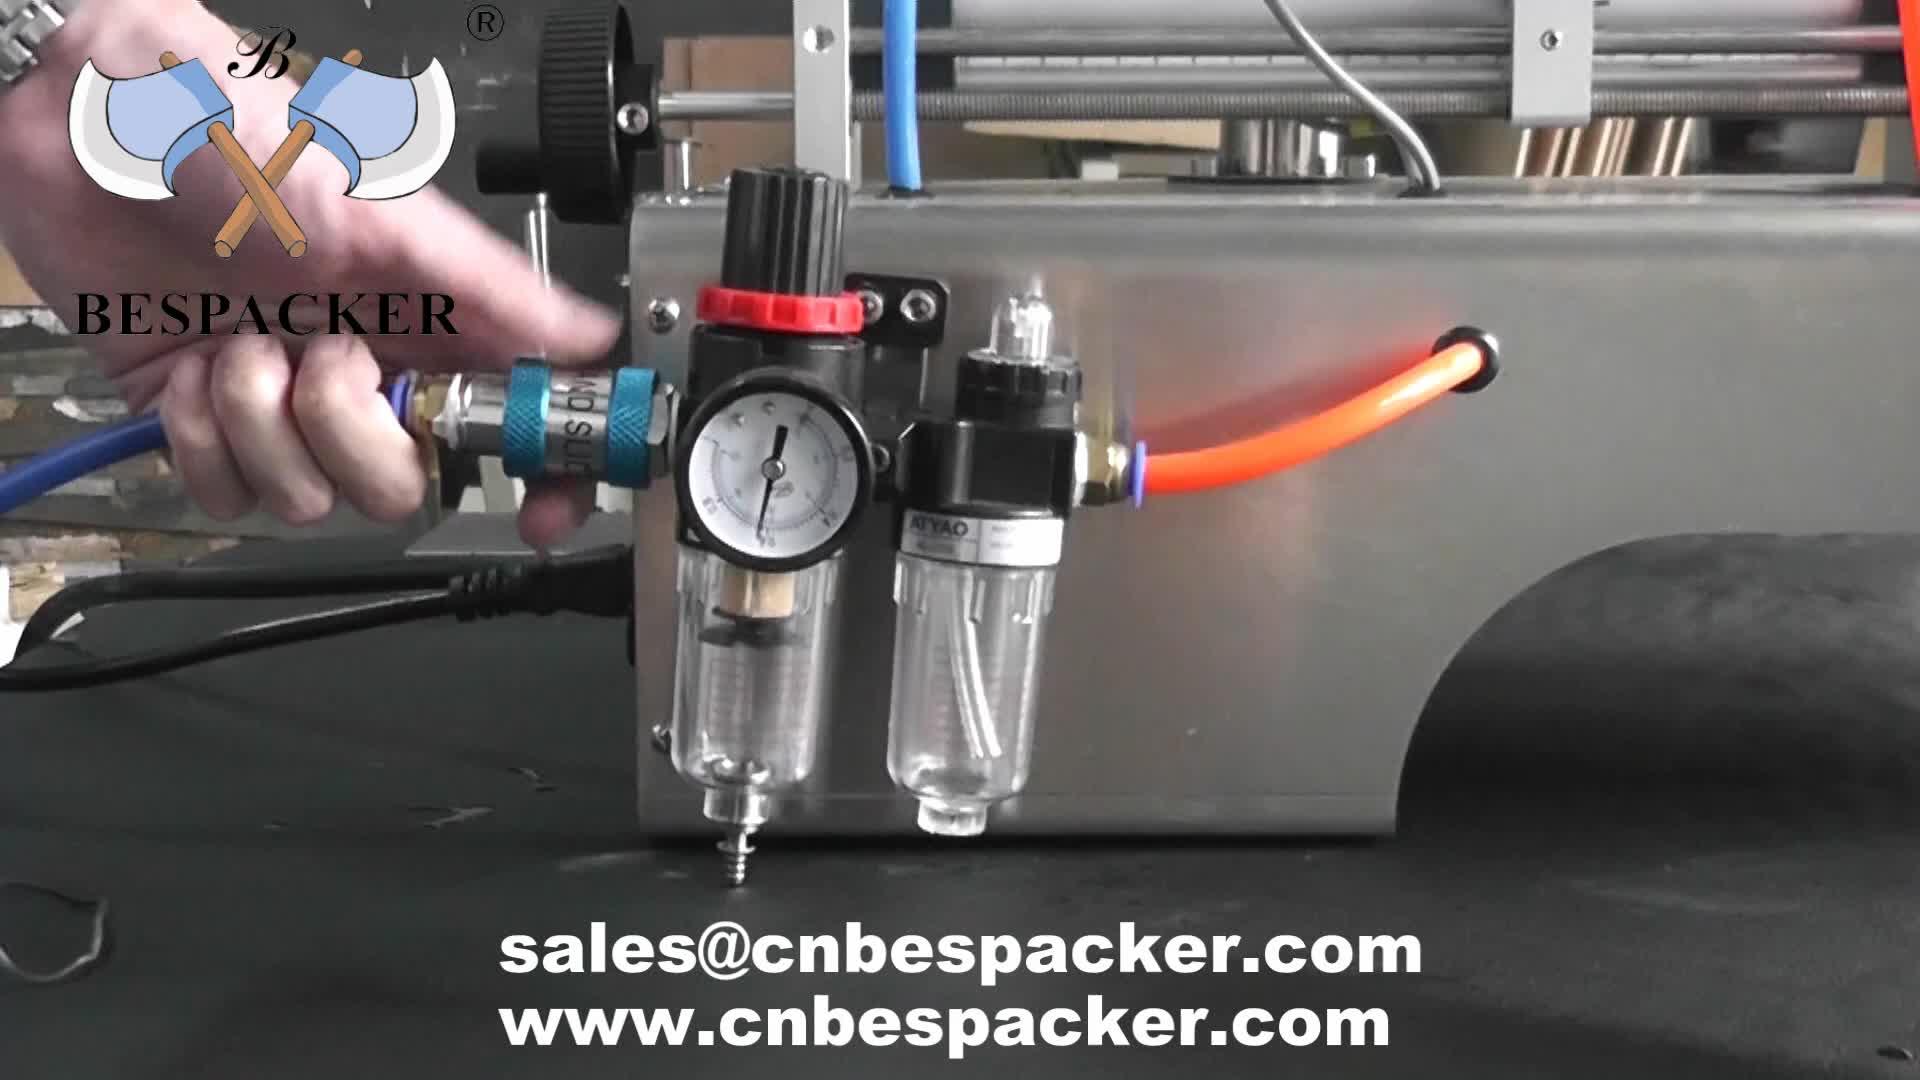 G2WTD MÉLANGE ET CHALEUR Pneumatique acier inoxydable semi-automatique petite bouteille machine de remplissage